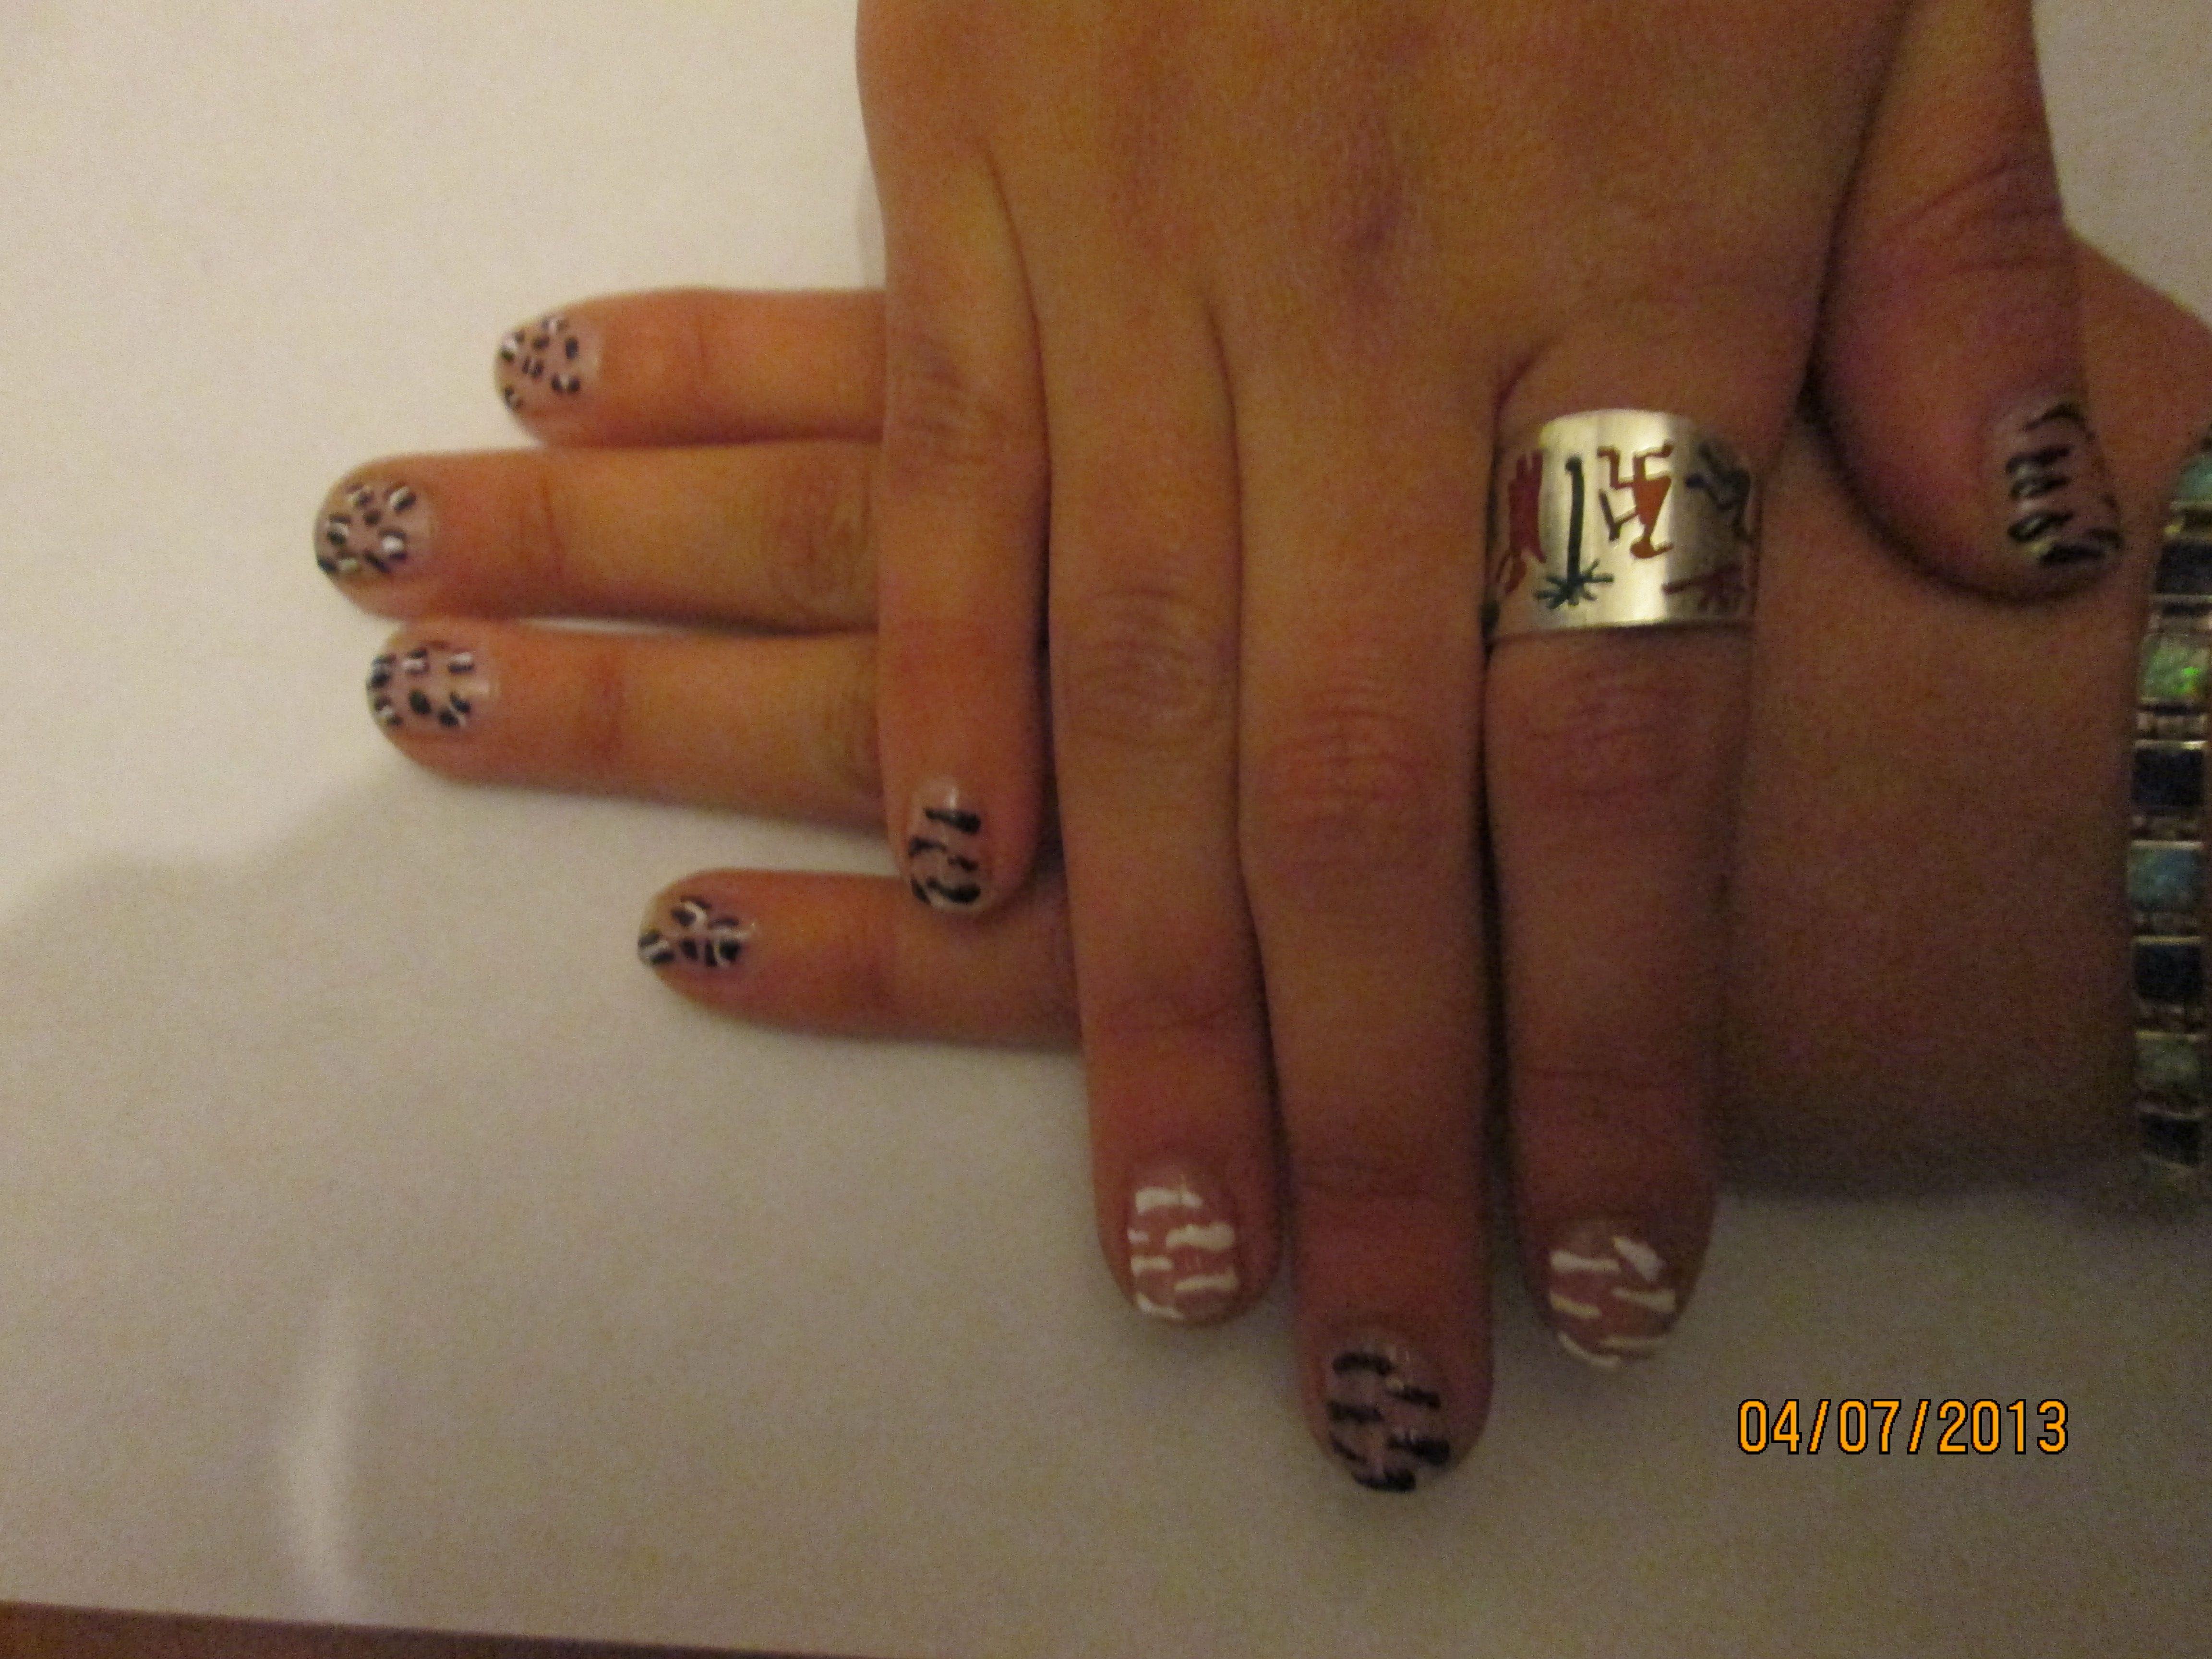 mis uñas pintadas por mi jajaja =)